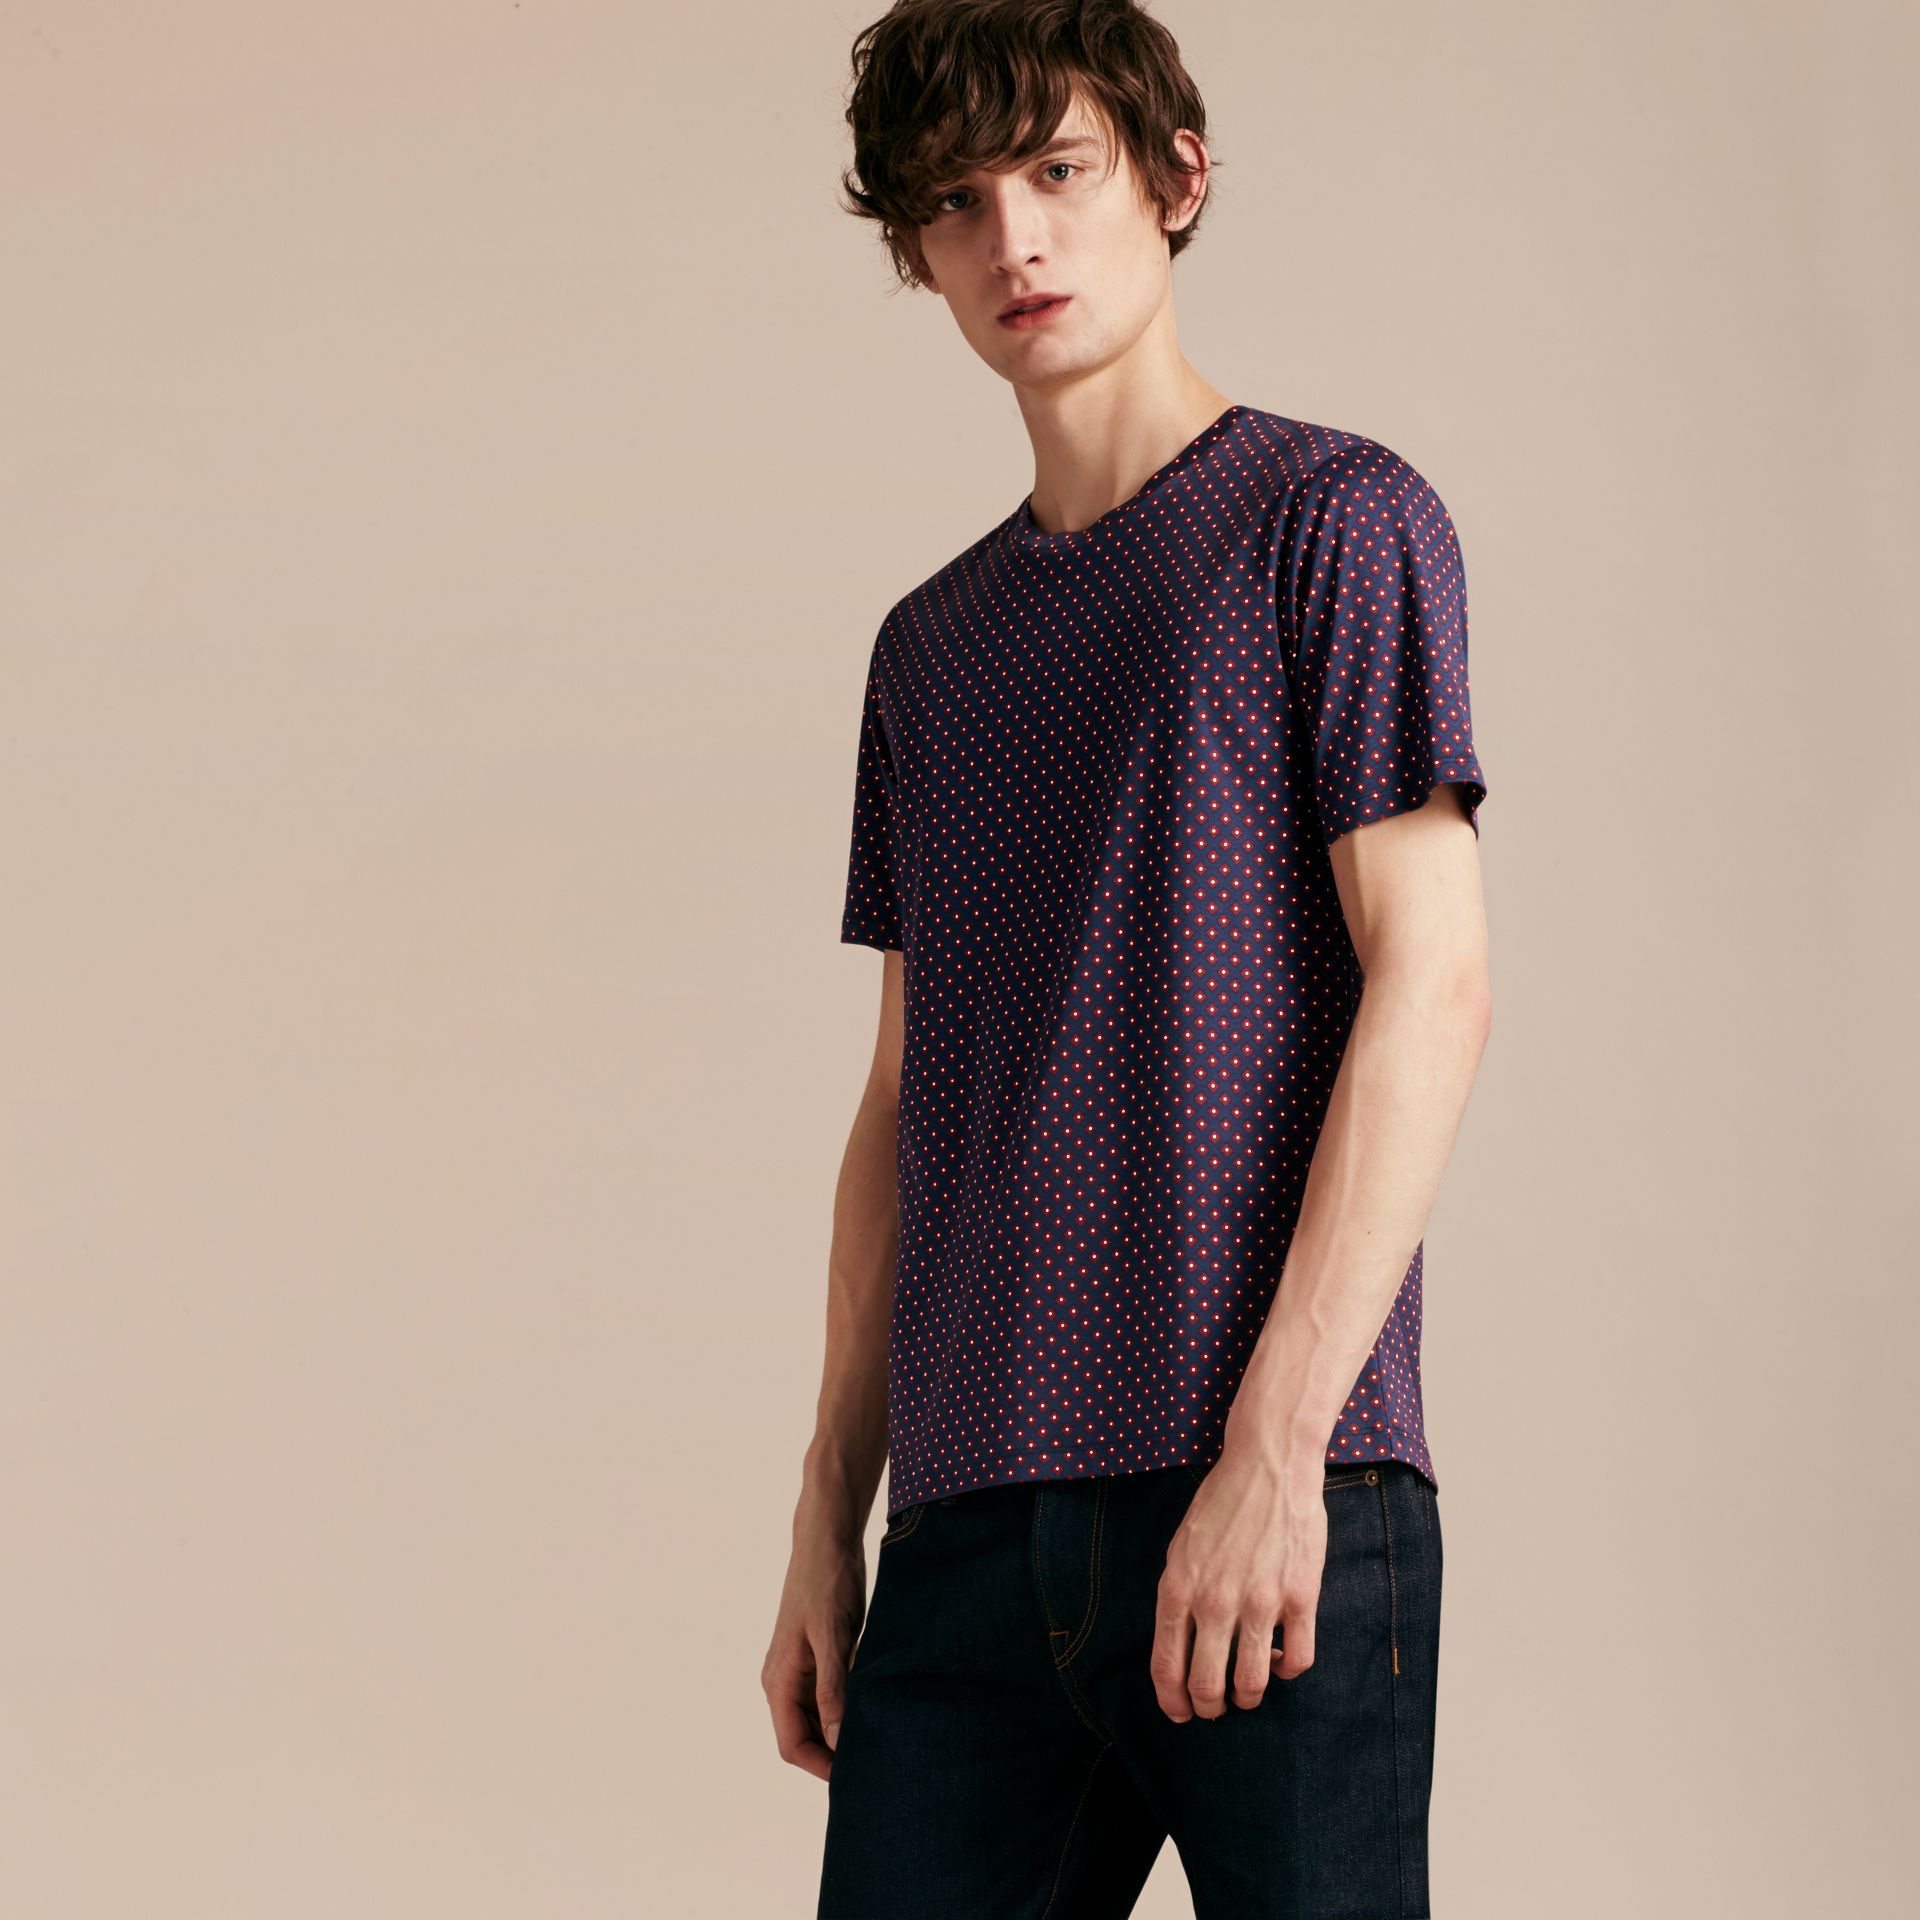 Helles marineblau Baumwoll-T-Shirt mit geometrischem Druckmotiv - Galerie-Bild 3